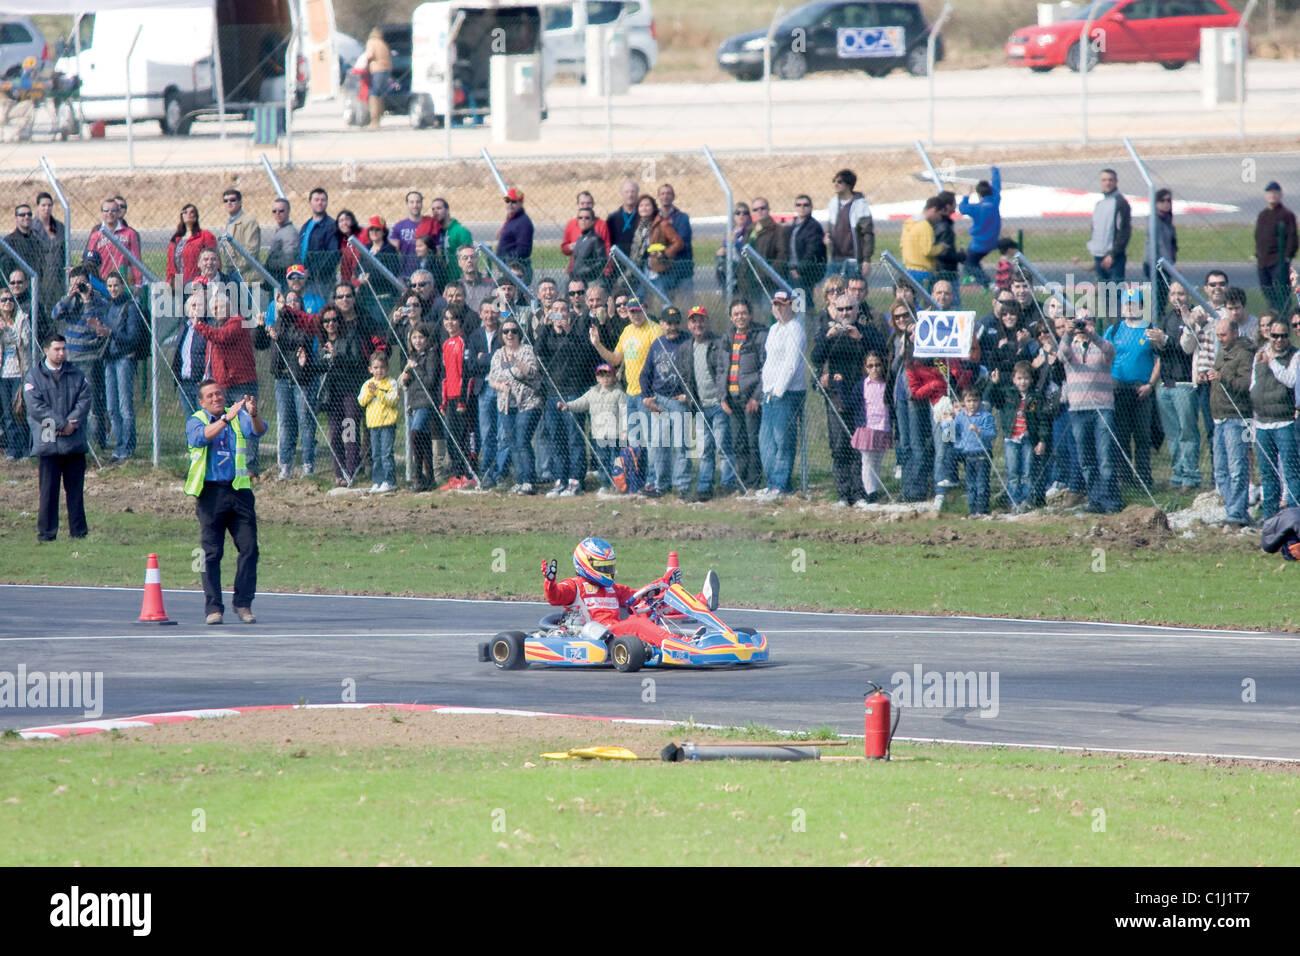 Circuito Fernando Alonso : Circuito de karting fernando alonso prueba de asfalto en la morgal